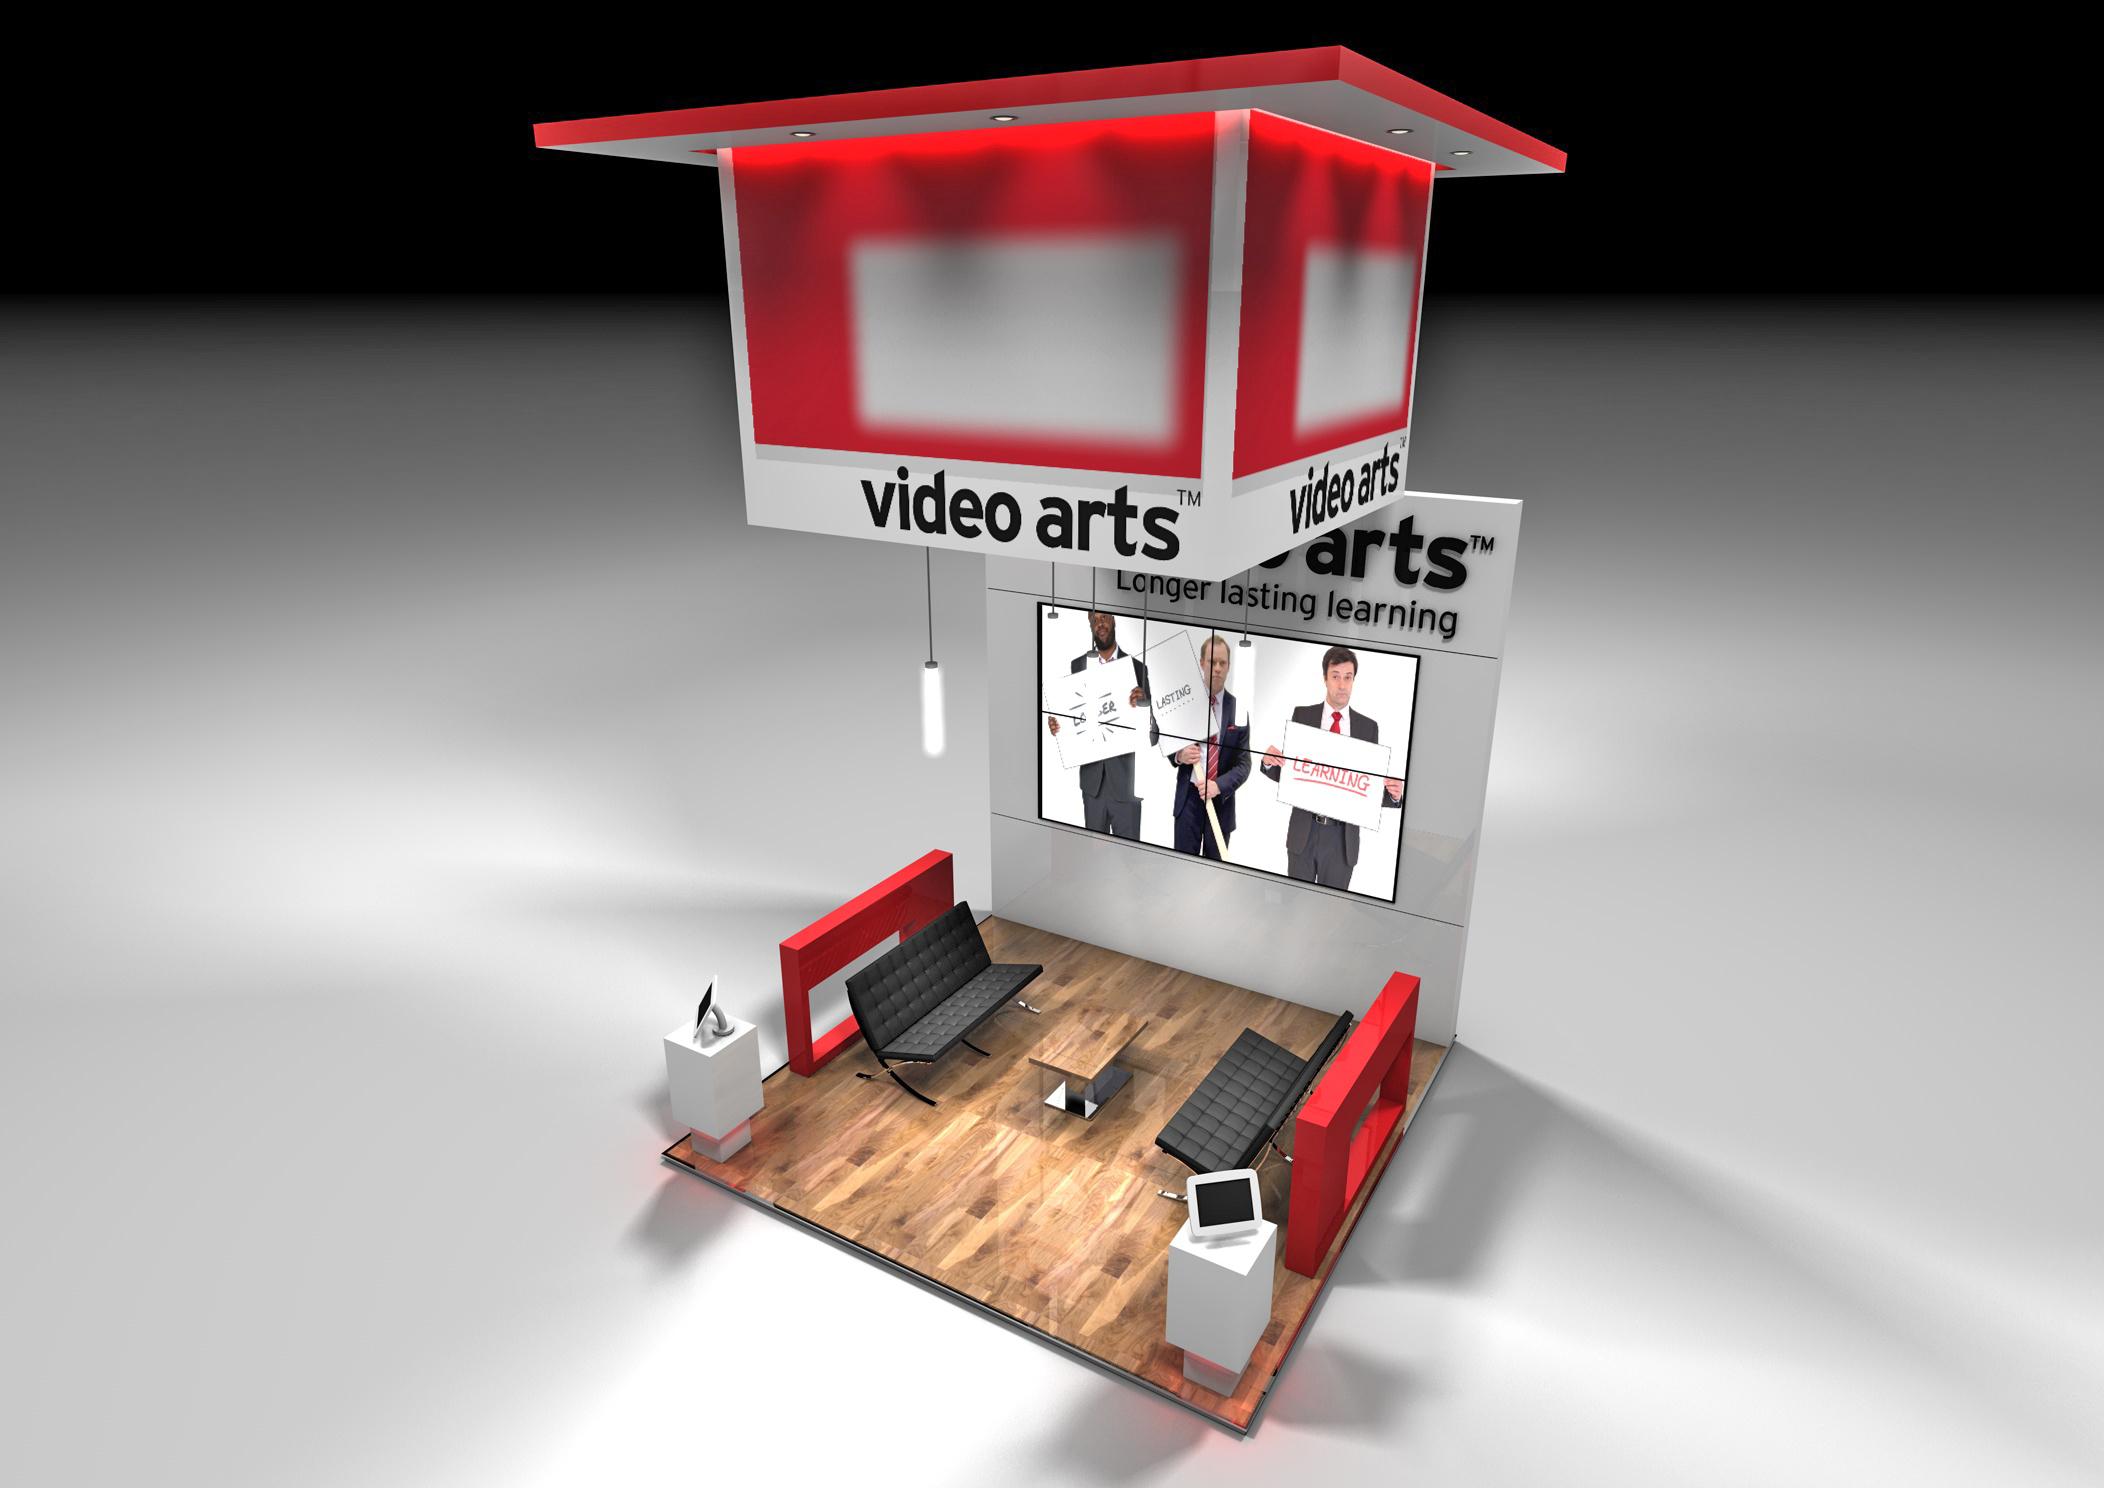 Video arts 4m x 4m